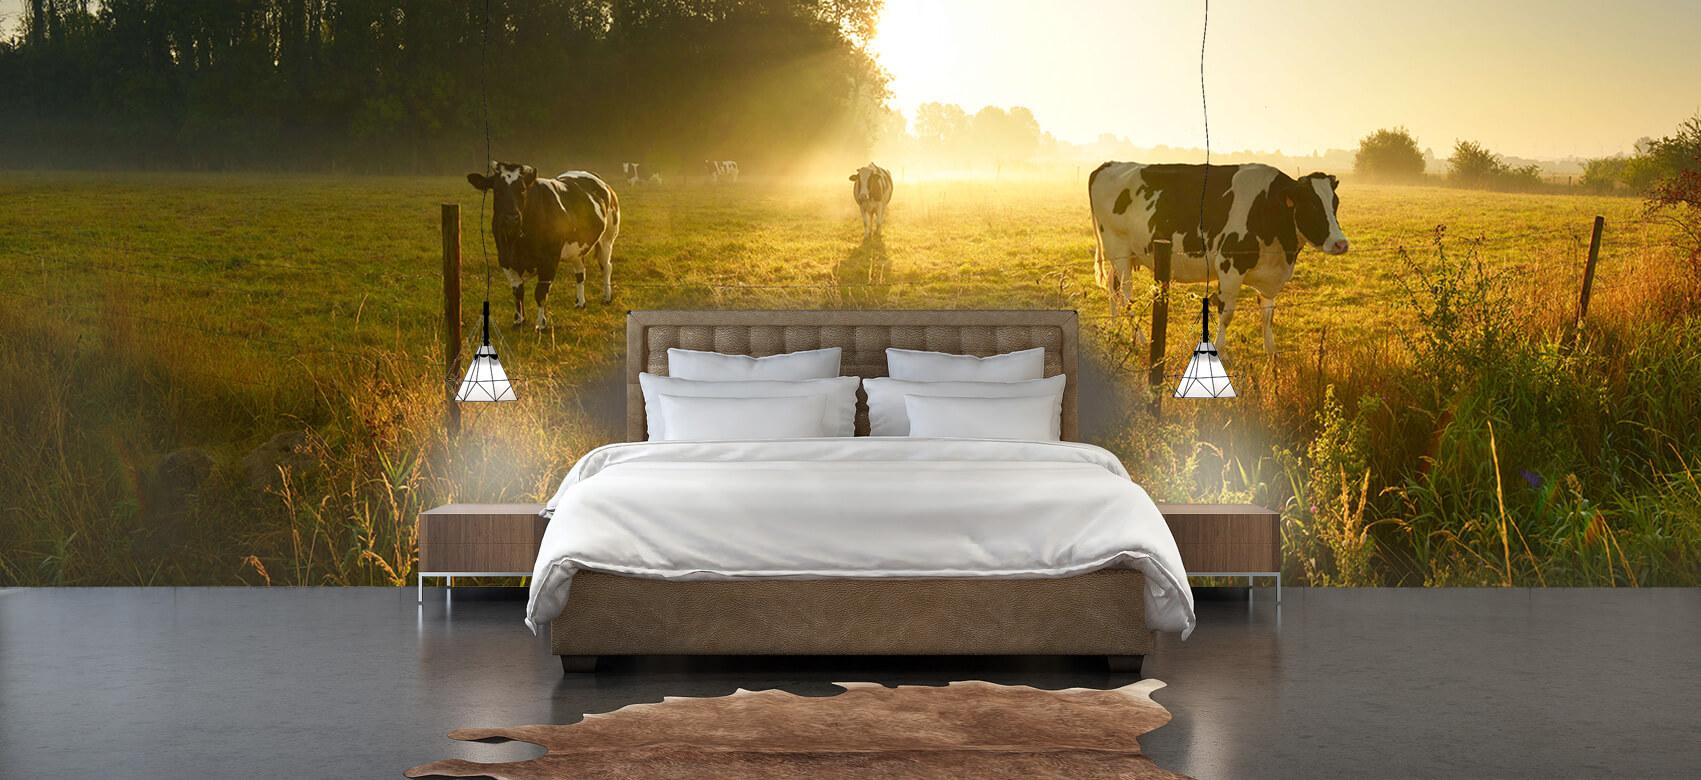 Dieren Koe tijdens zonsopkomst 3